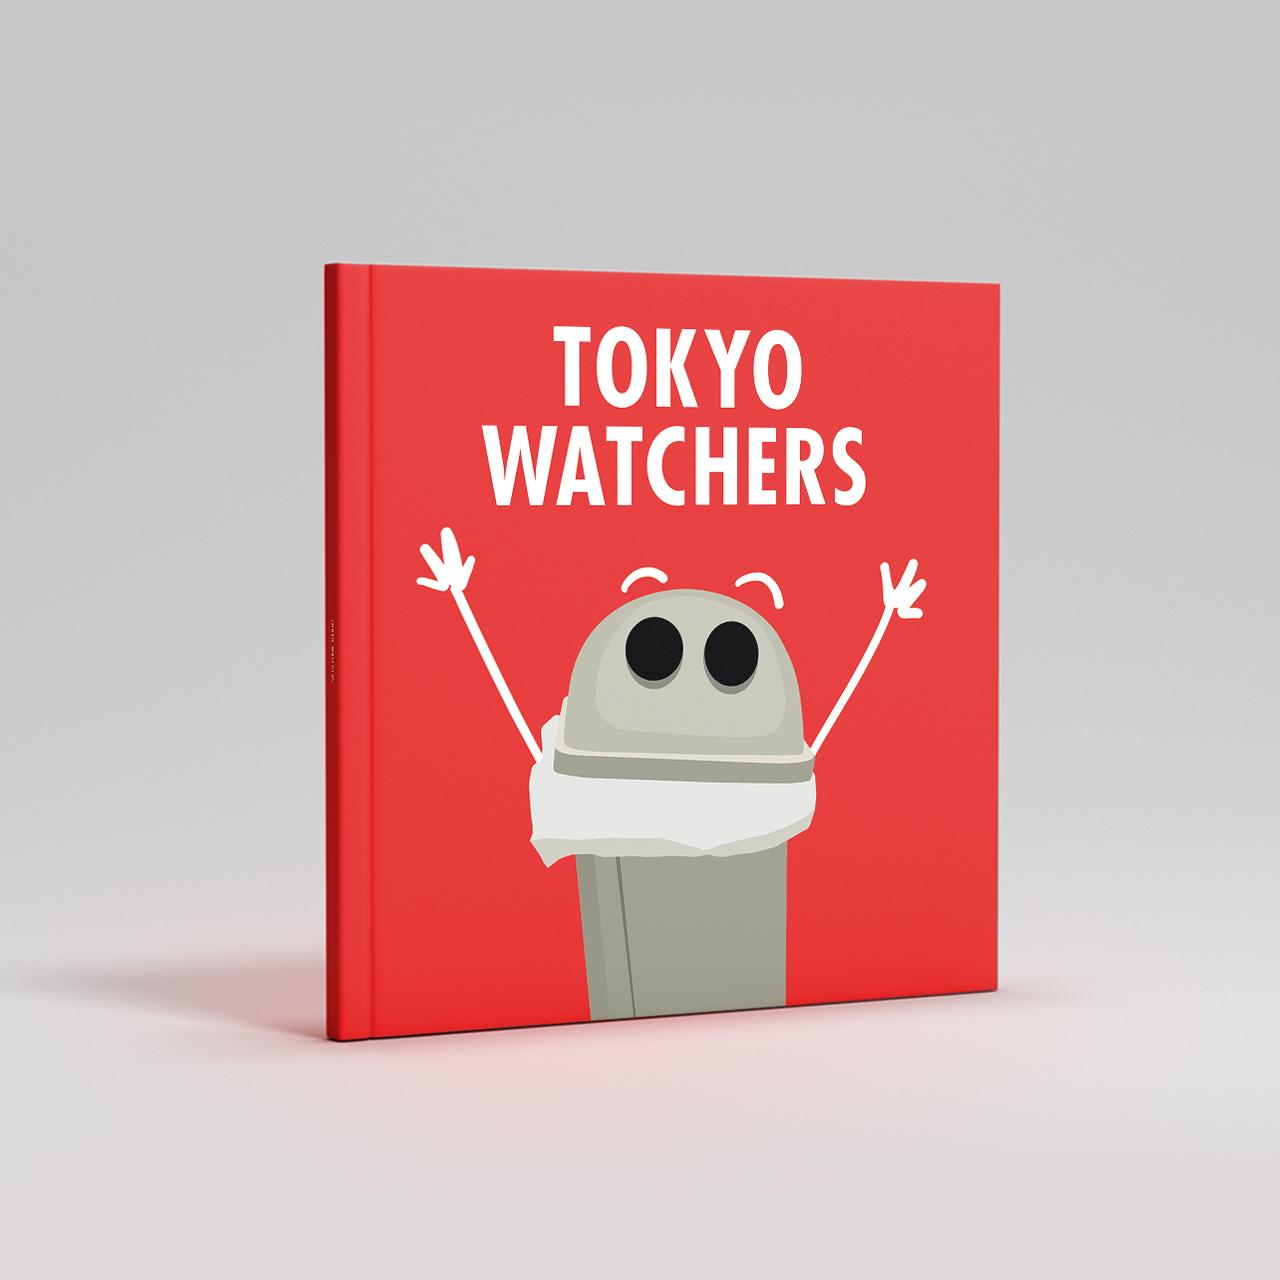 Tokyo Watchers